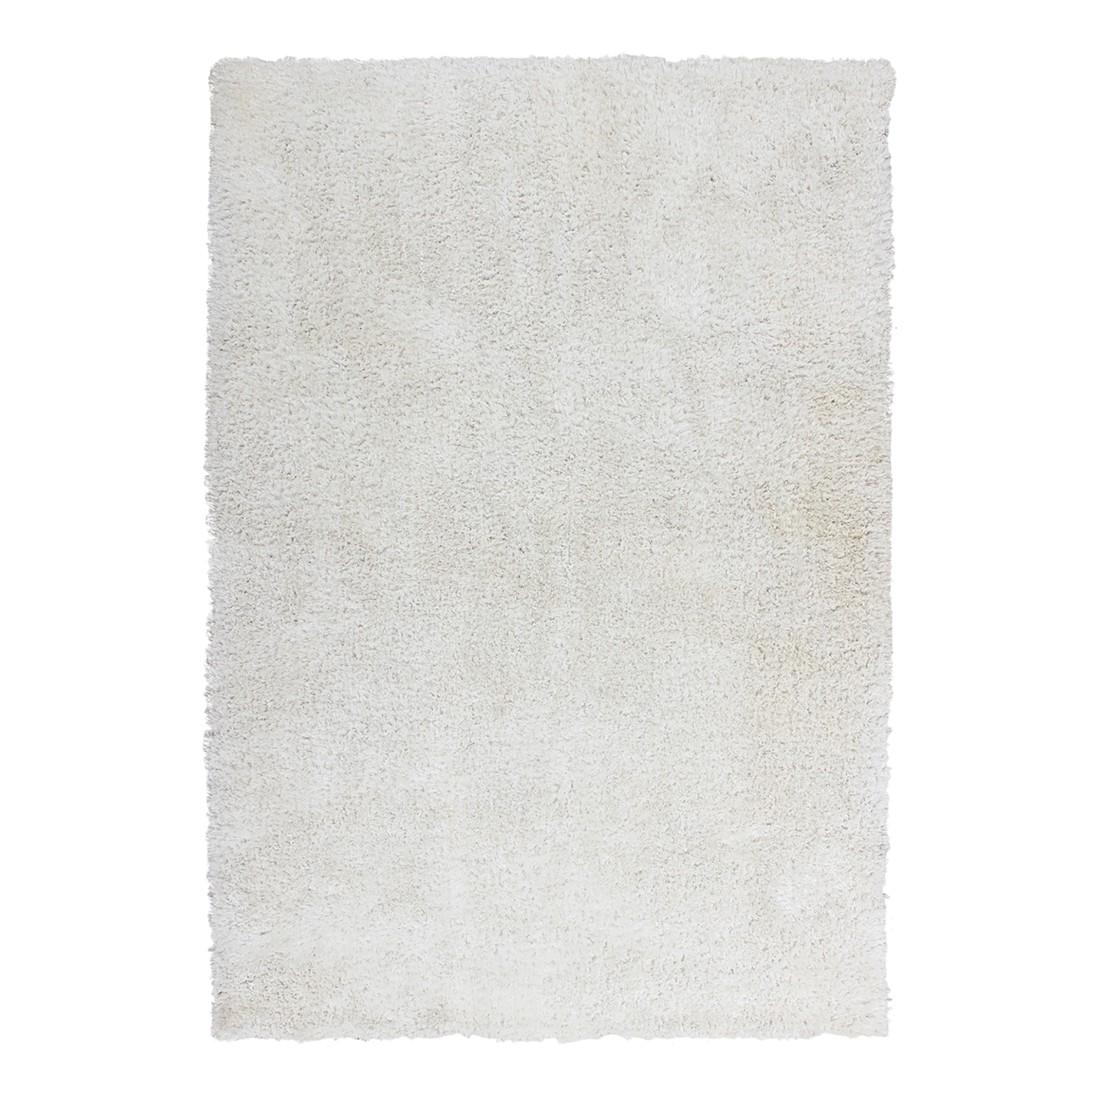 Teppich Tanzania – Sansibar – Weiß – 200 x 290 cm, Kayoom online bestellen